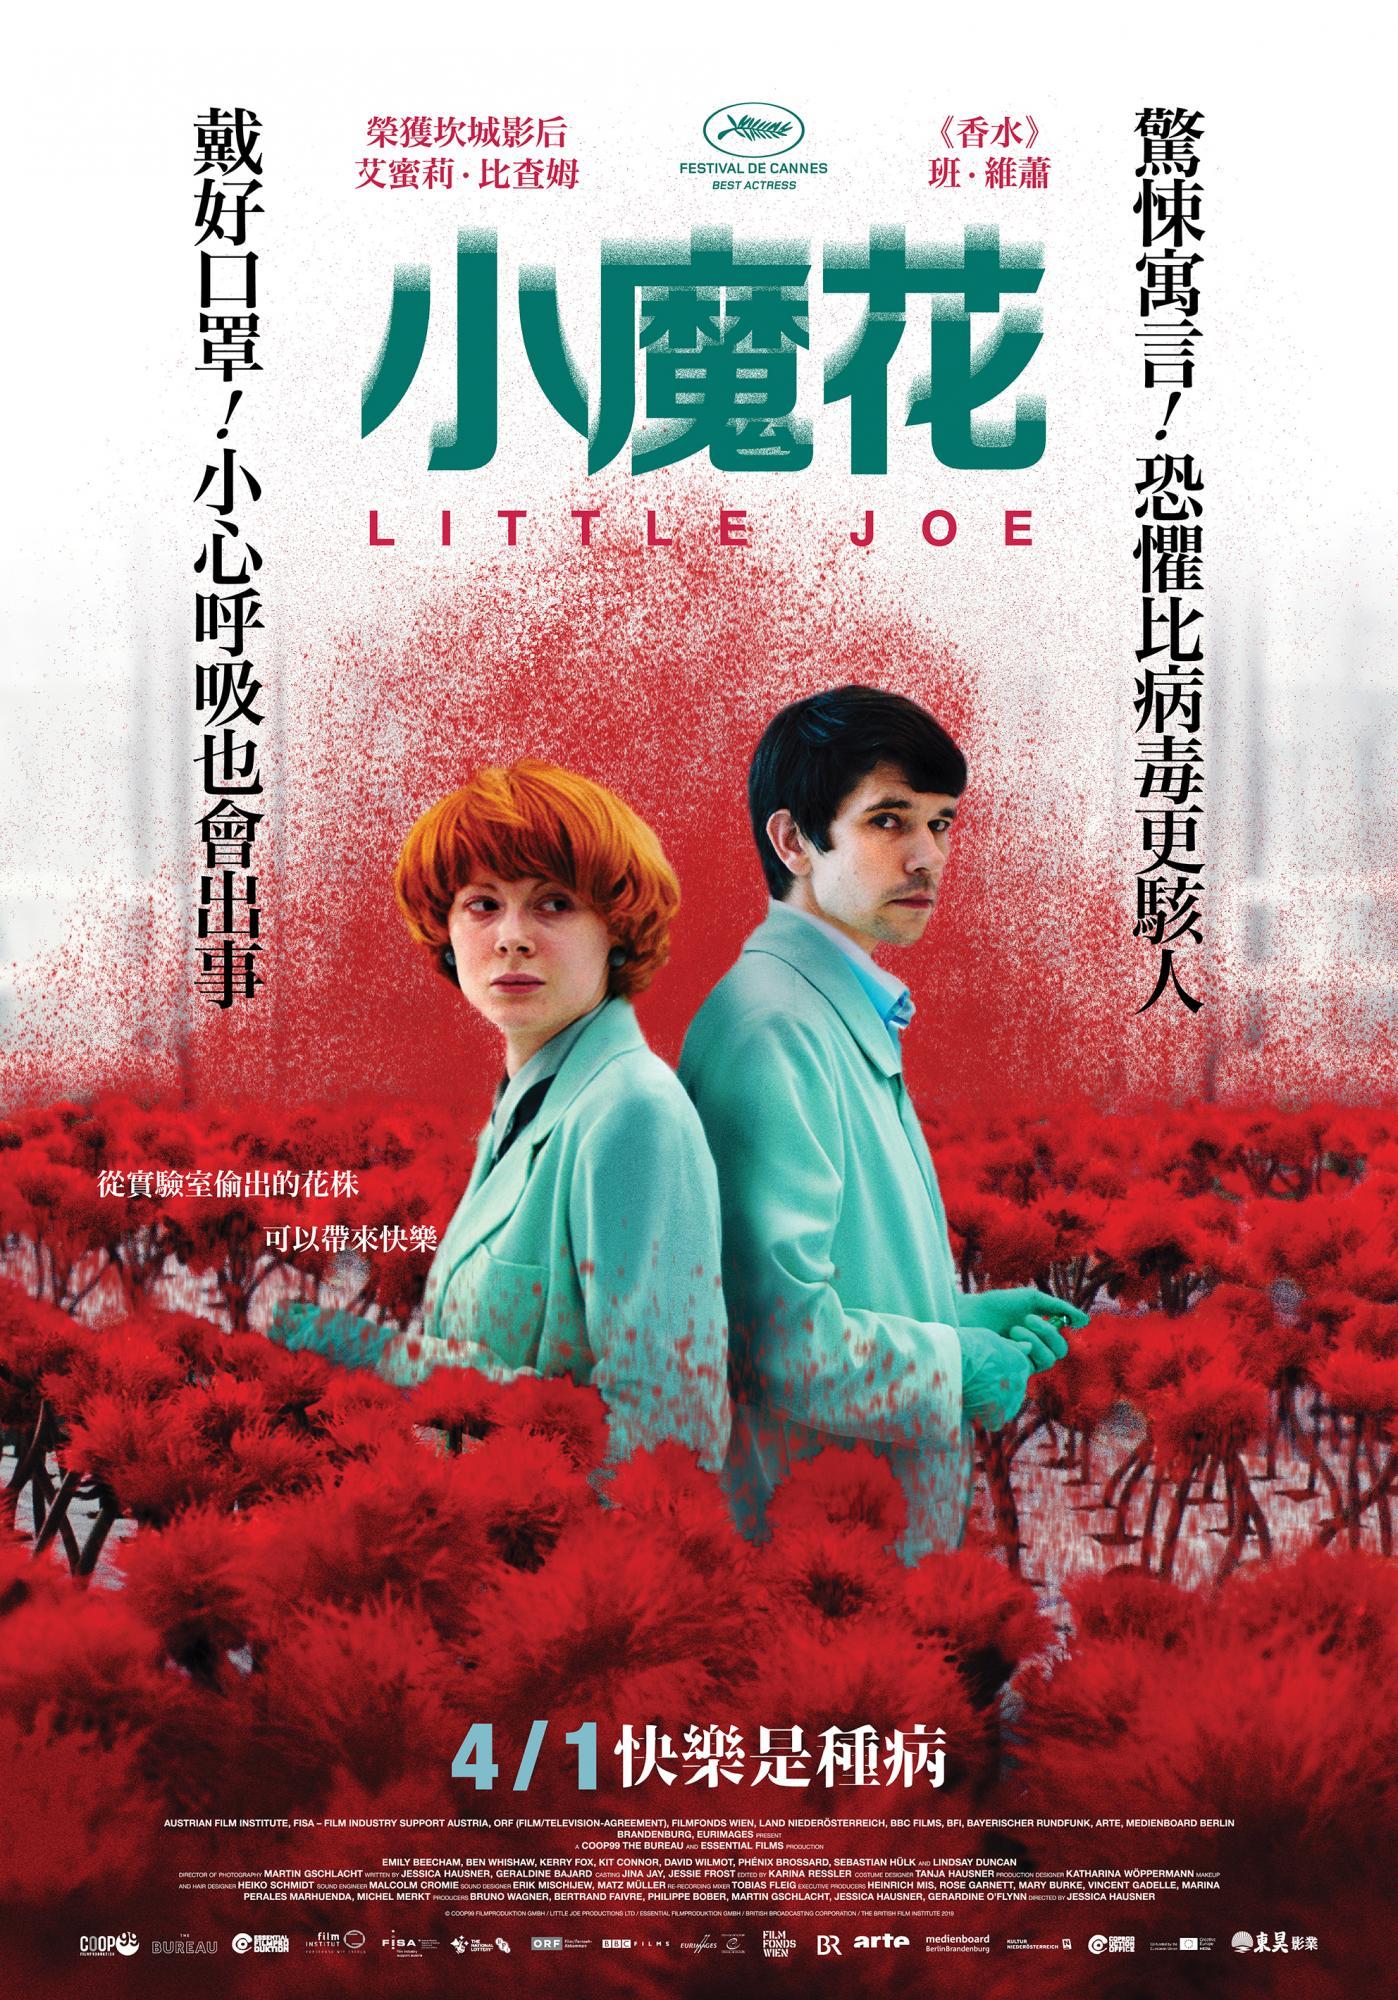 200401_poster.jpg